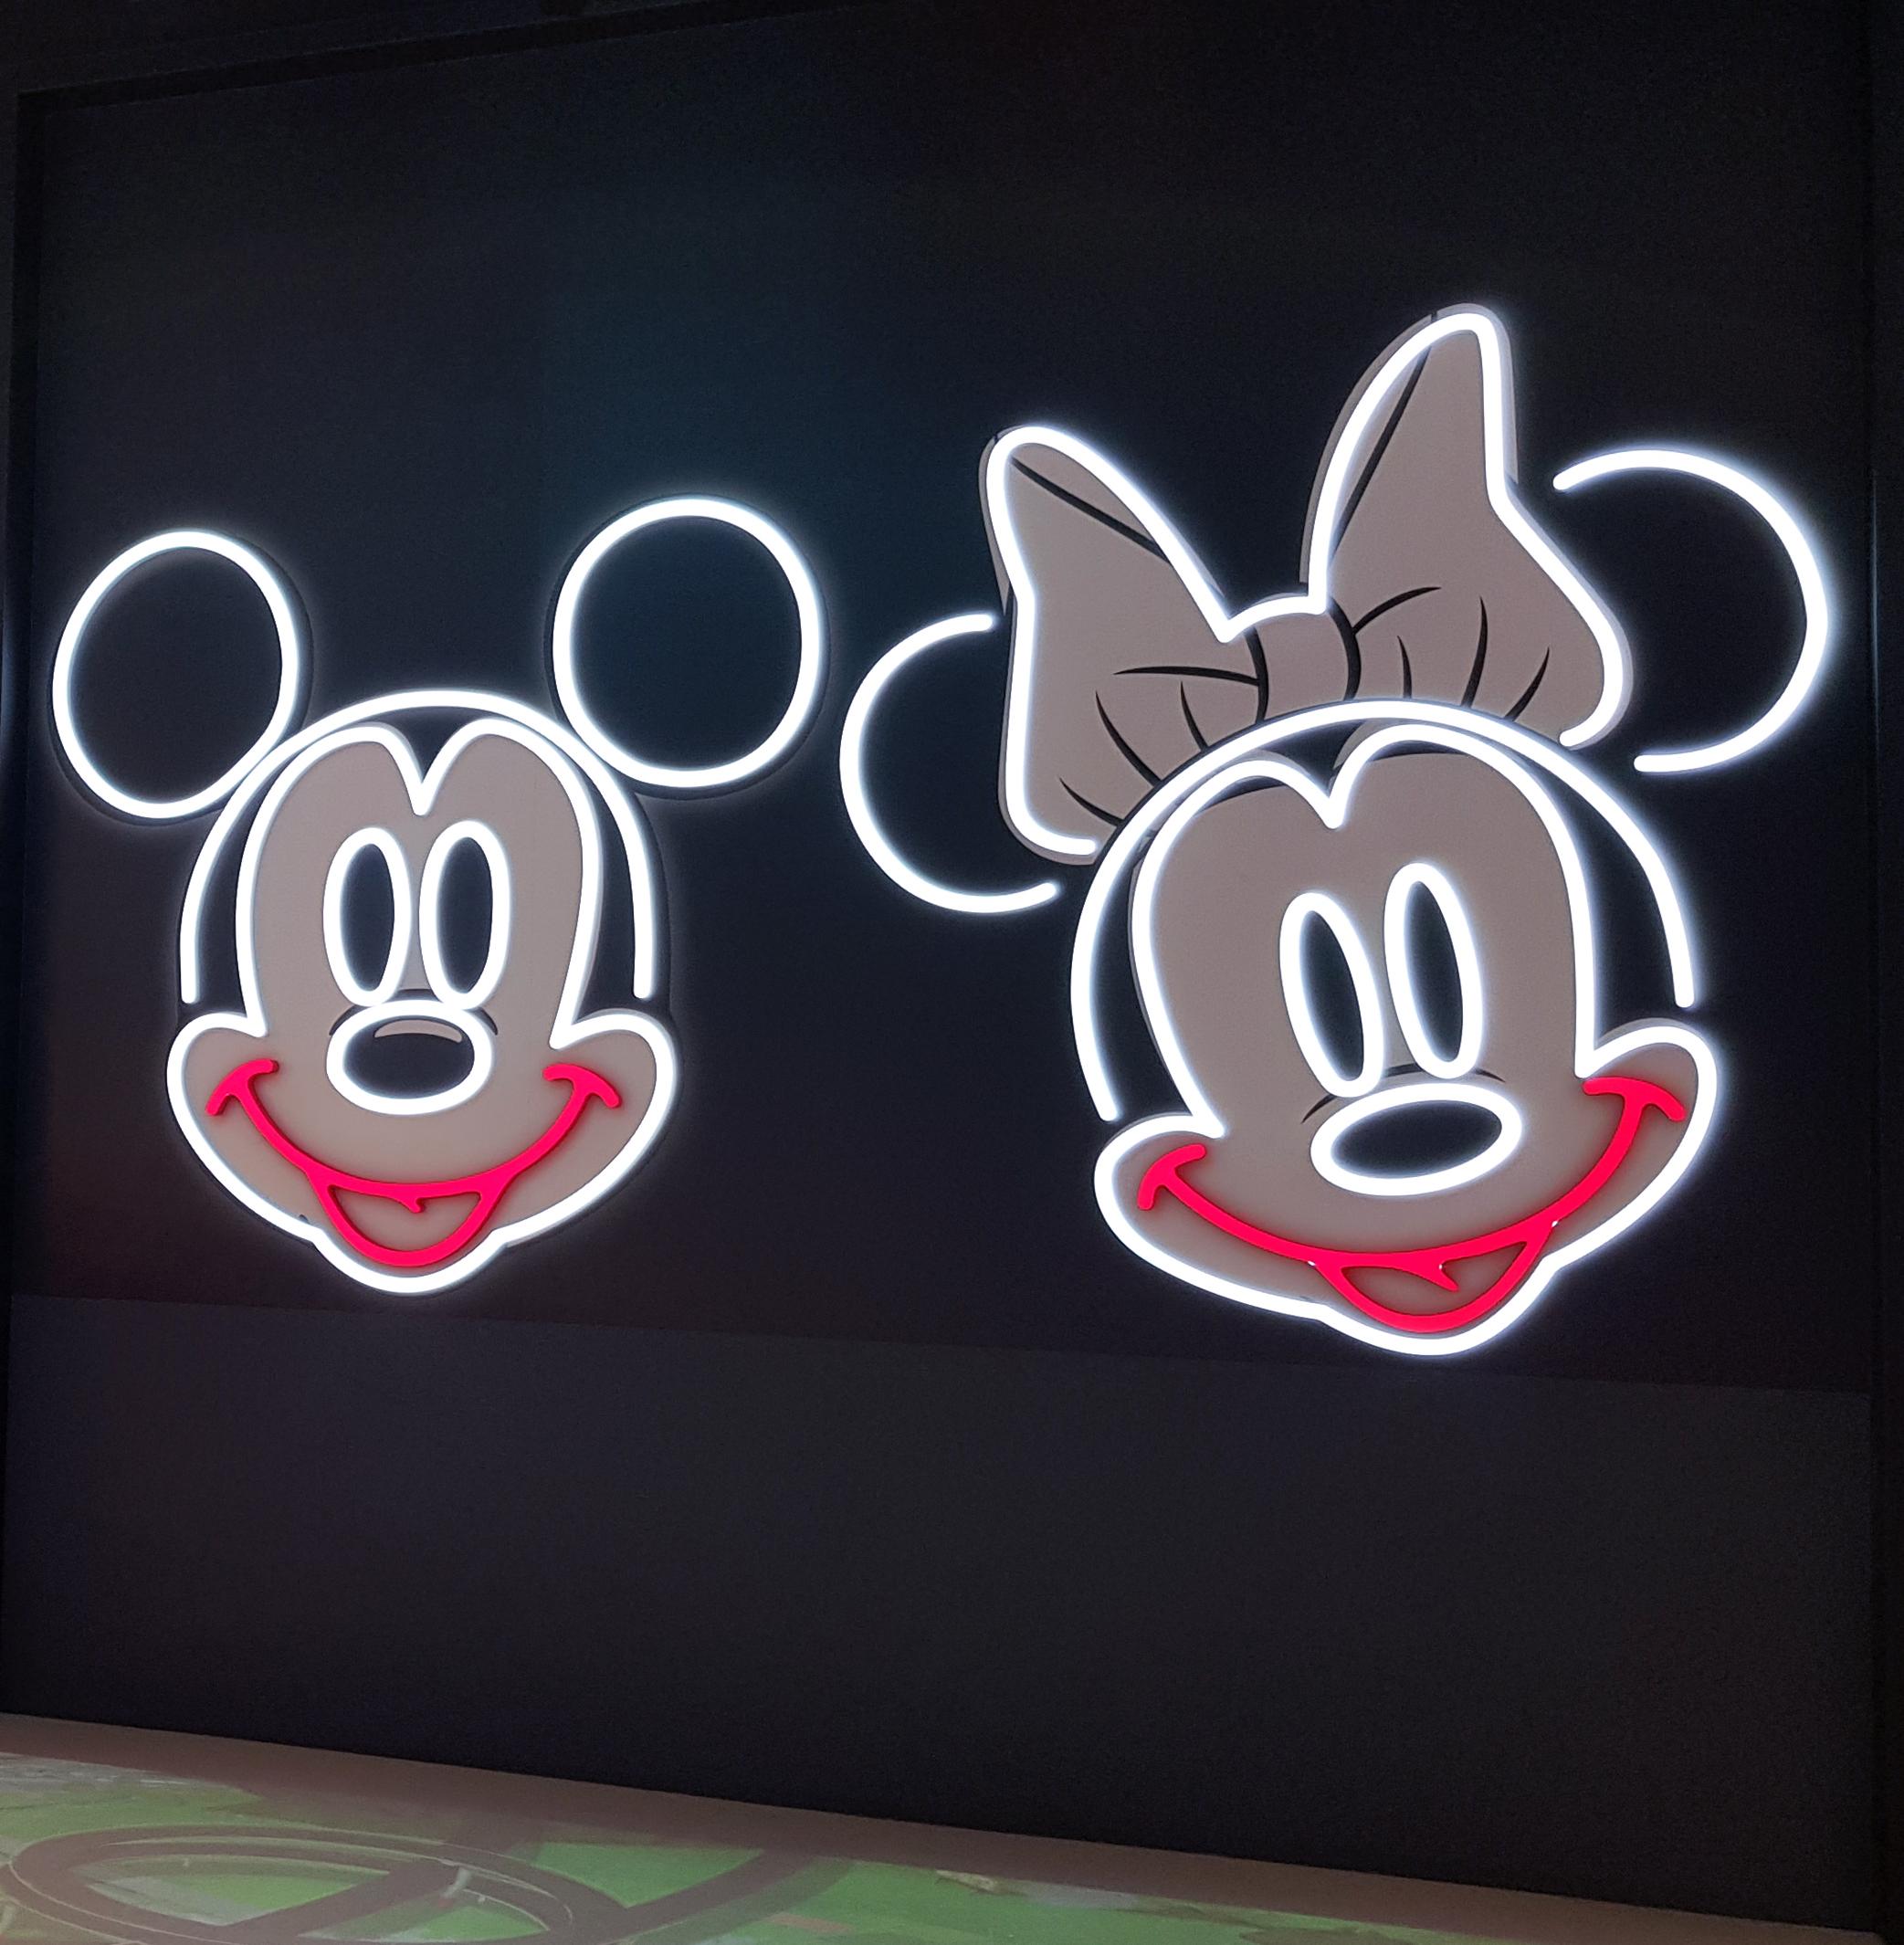 LED illuminated disney features